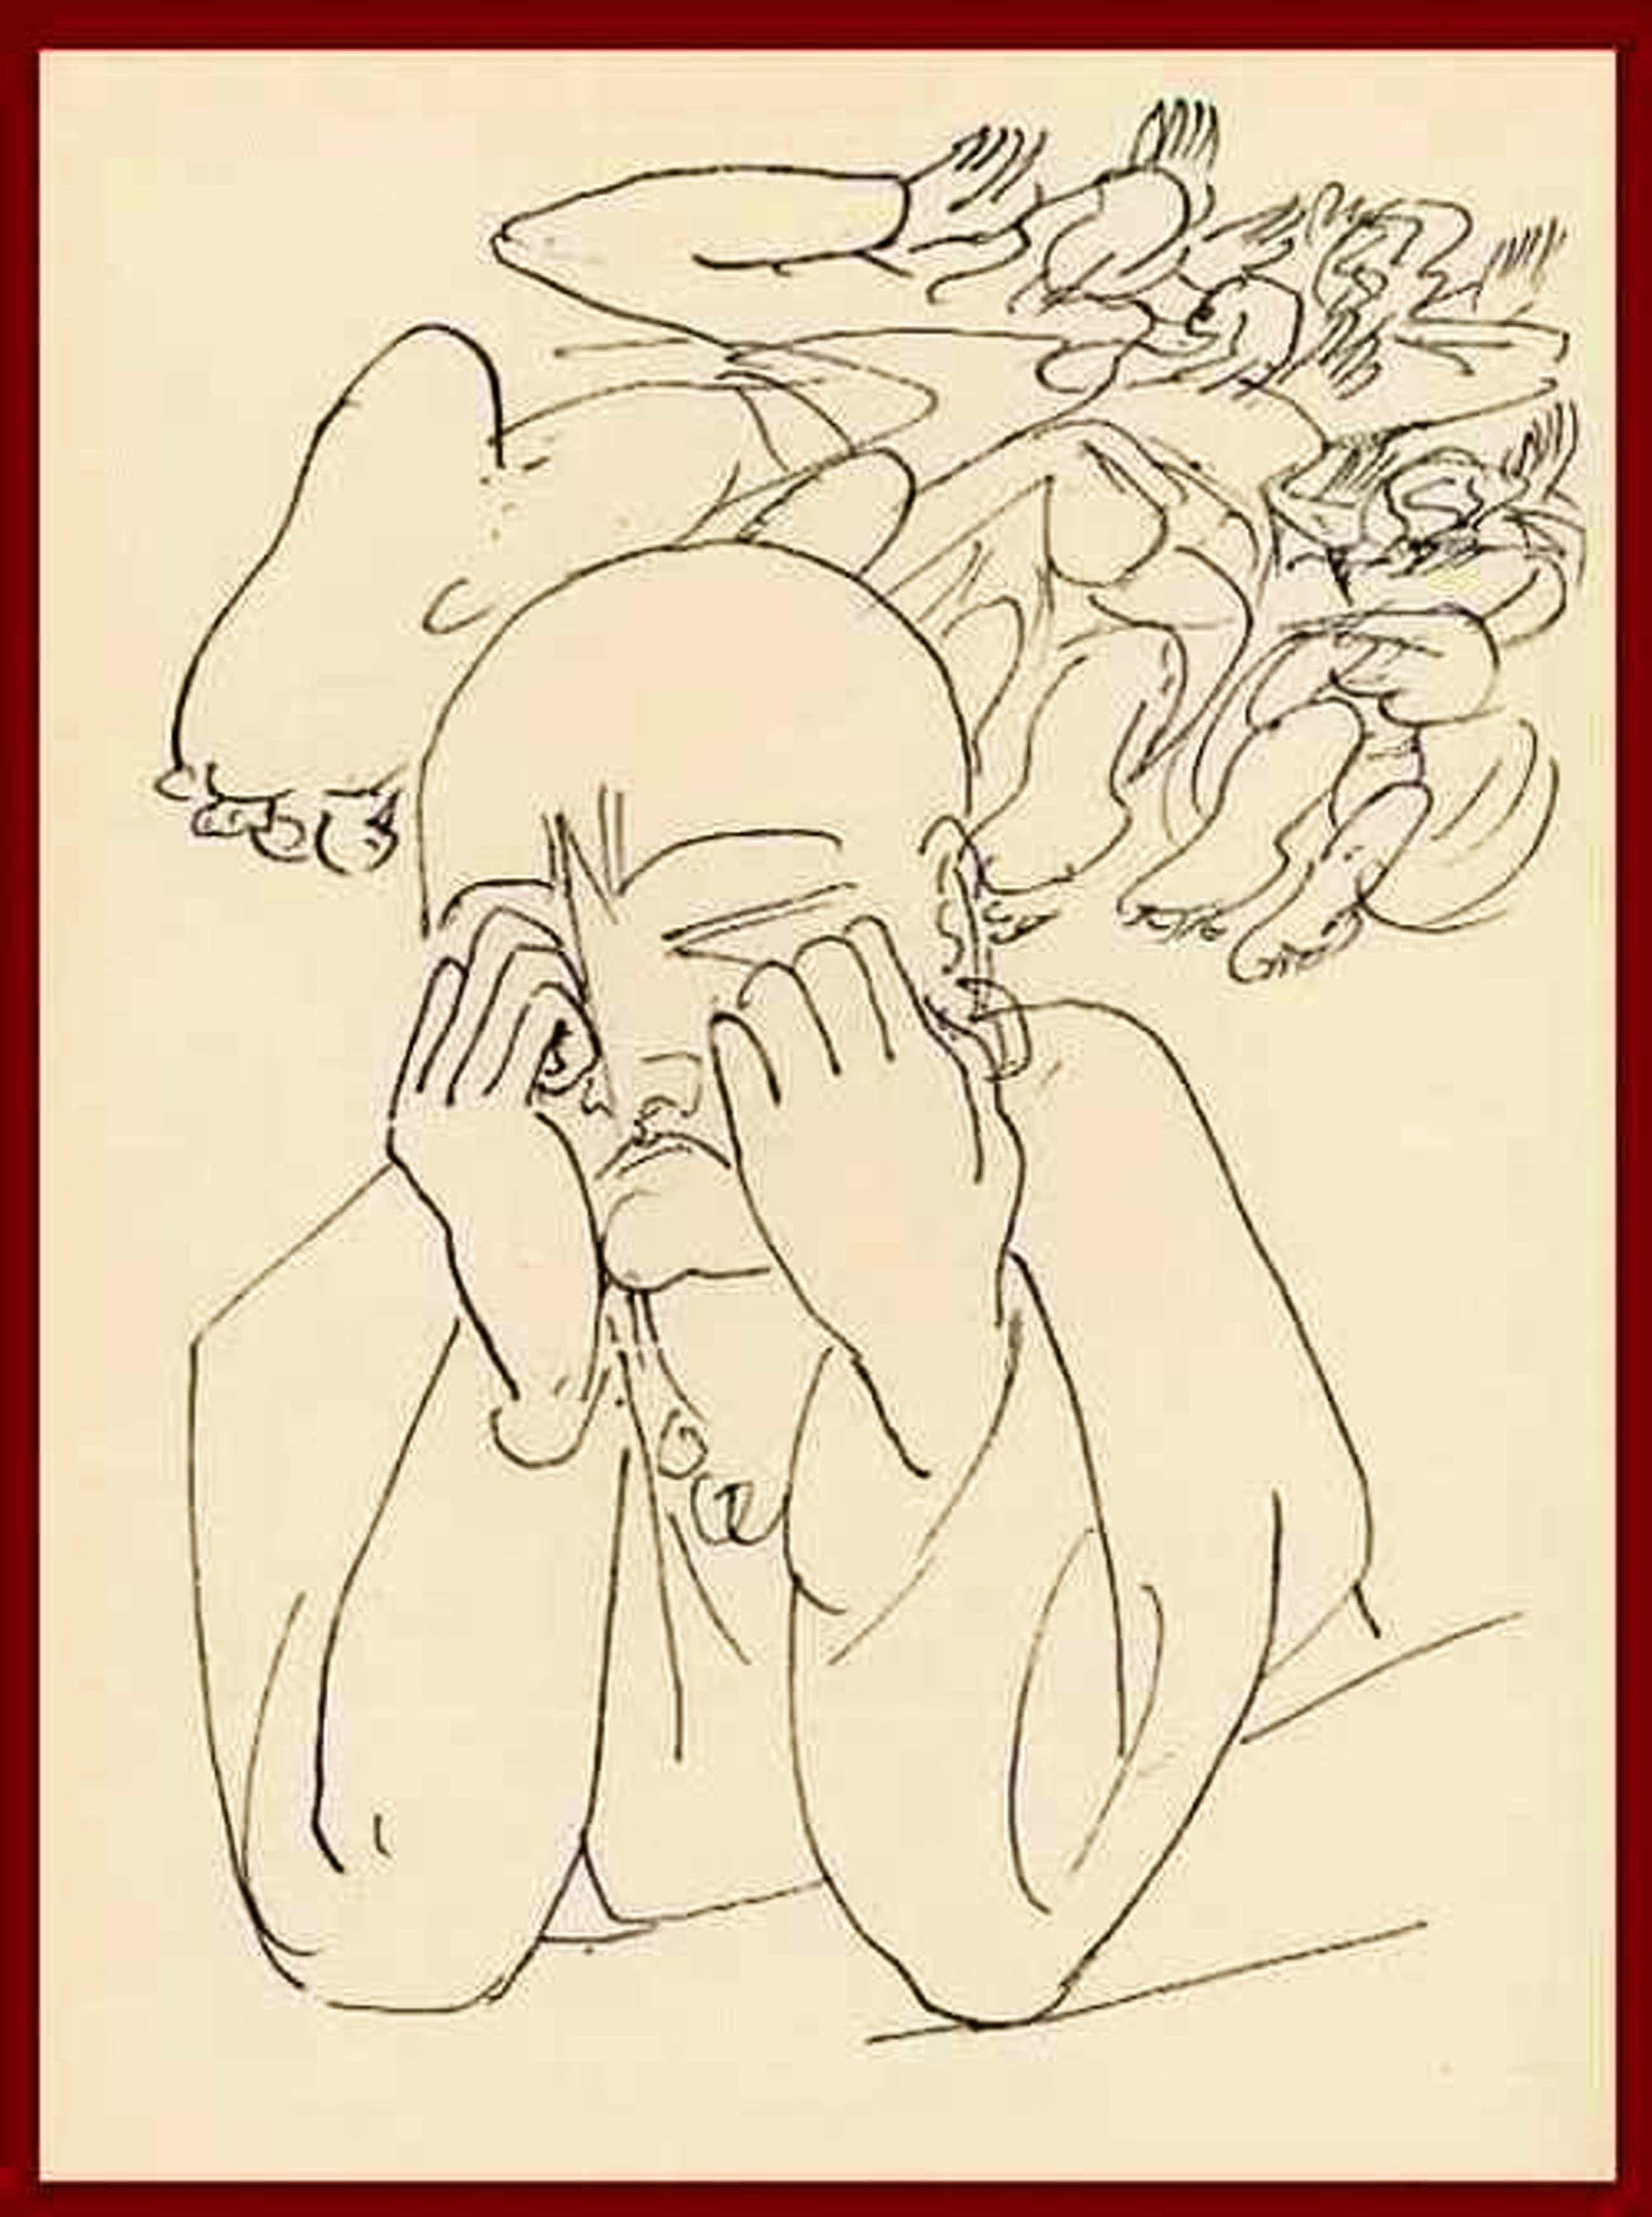 Max Beckmann - WIE WIRD MIR ! HIOBSARTIG - OriginalHolzstich 1957 mit Prägestempel 33 kopen? Bied vanaf 54!